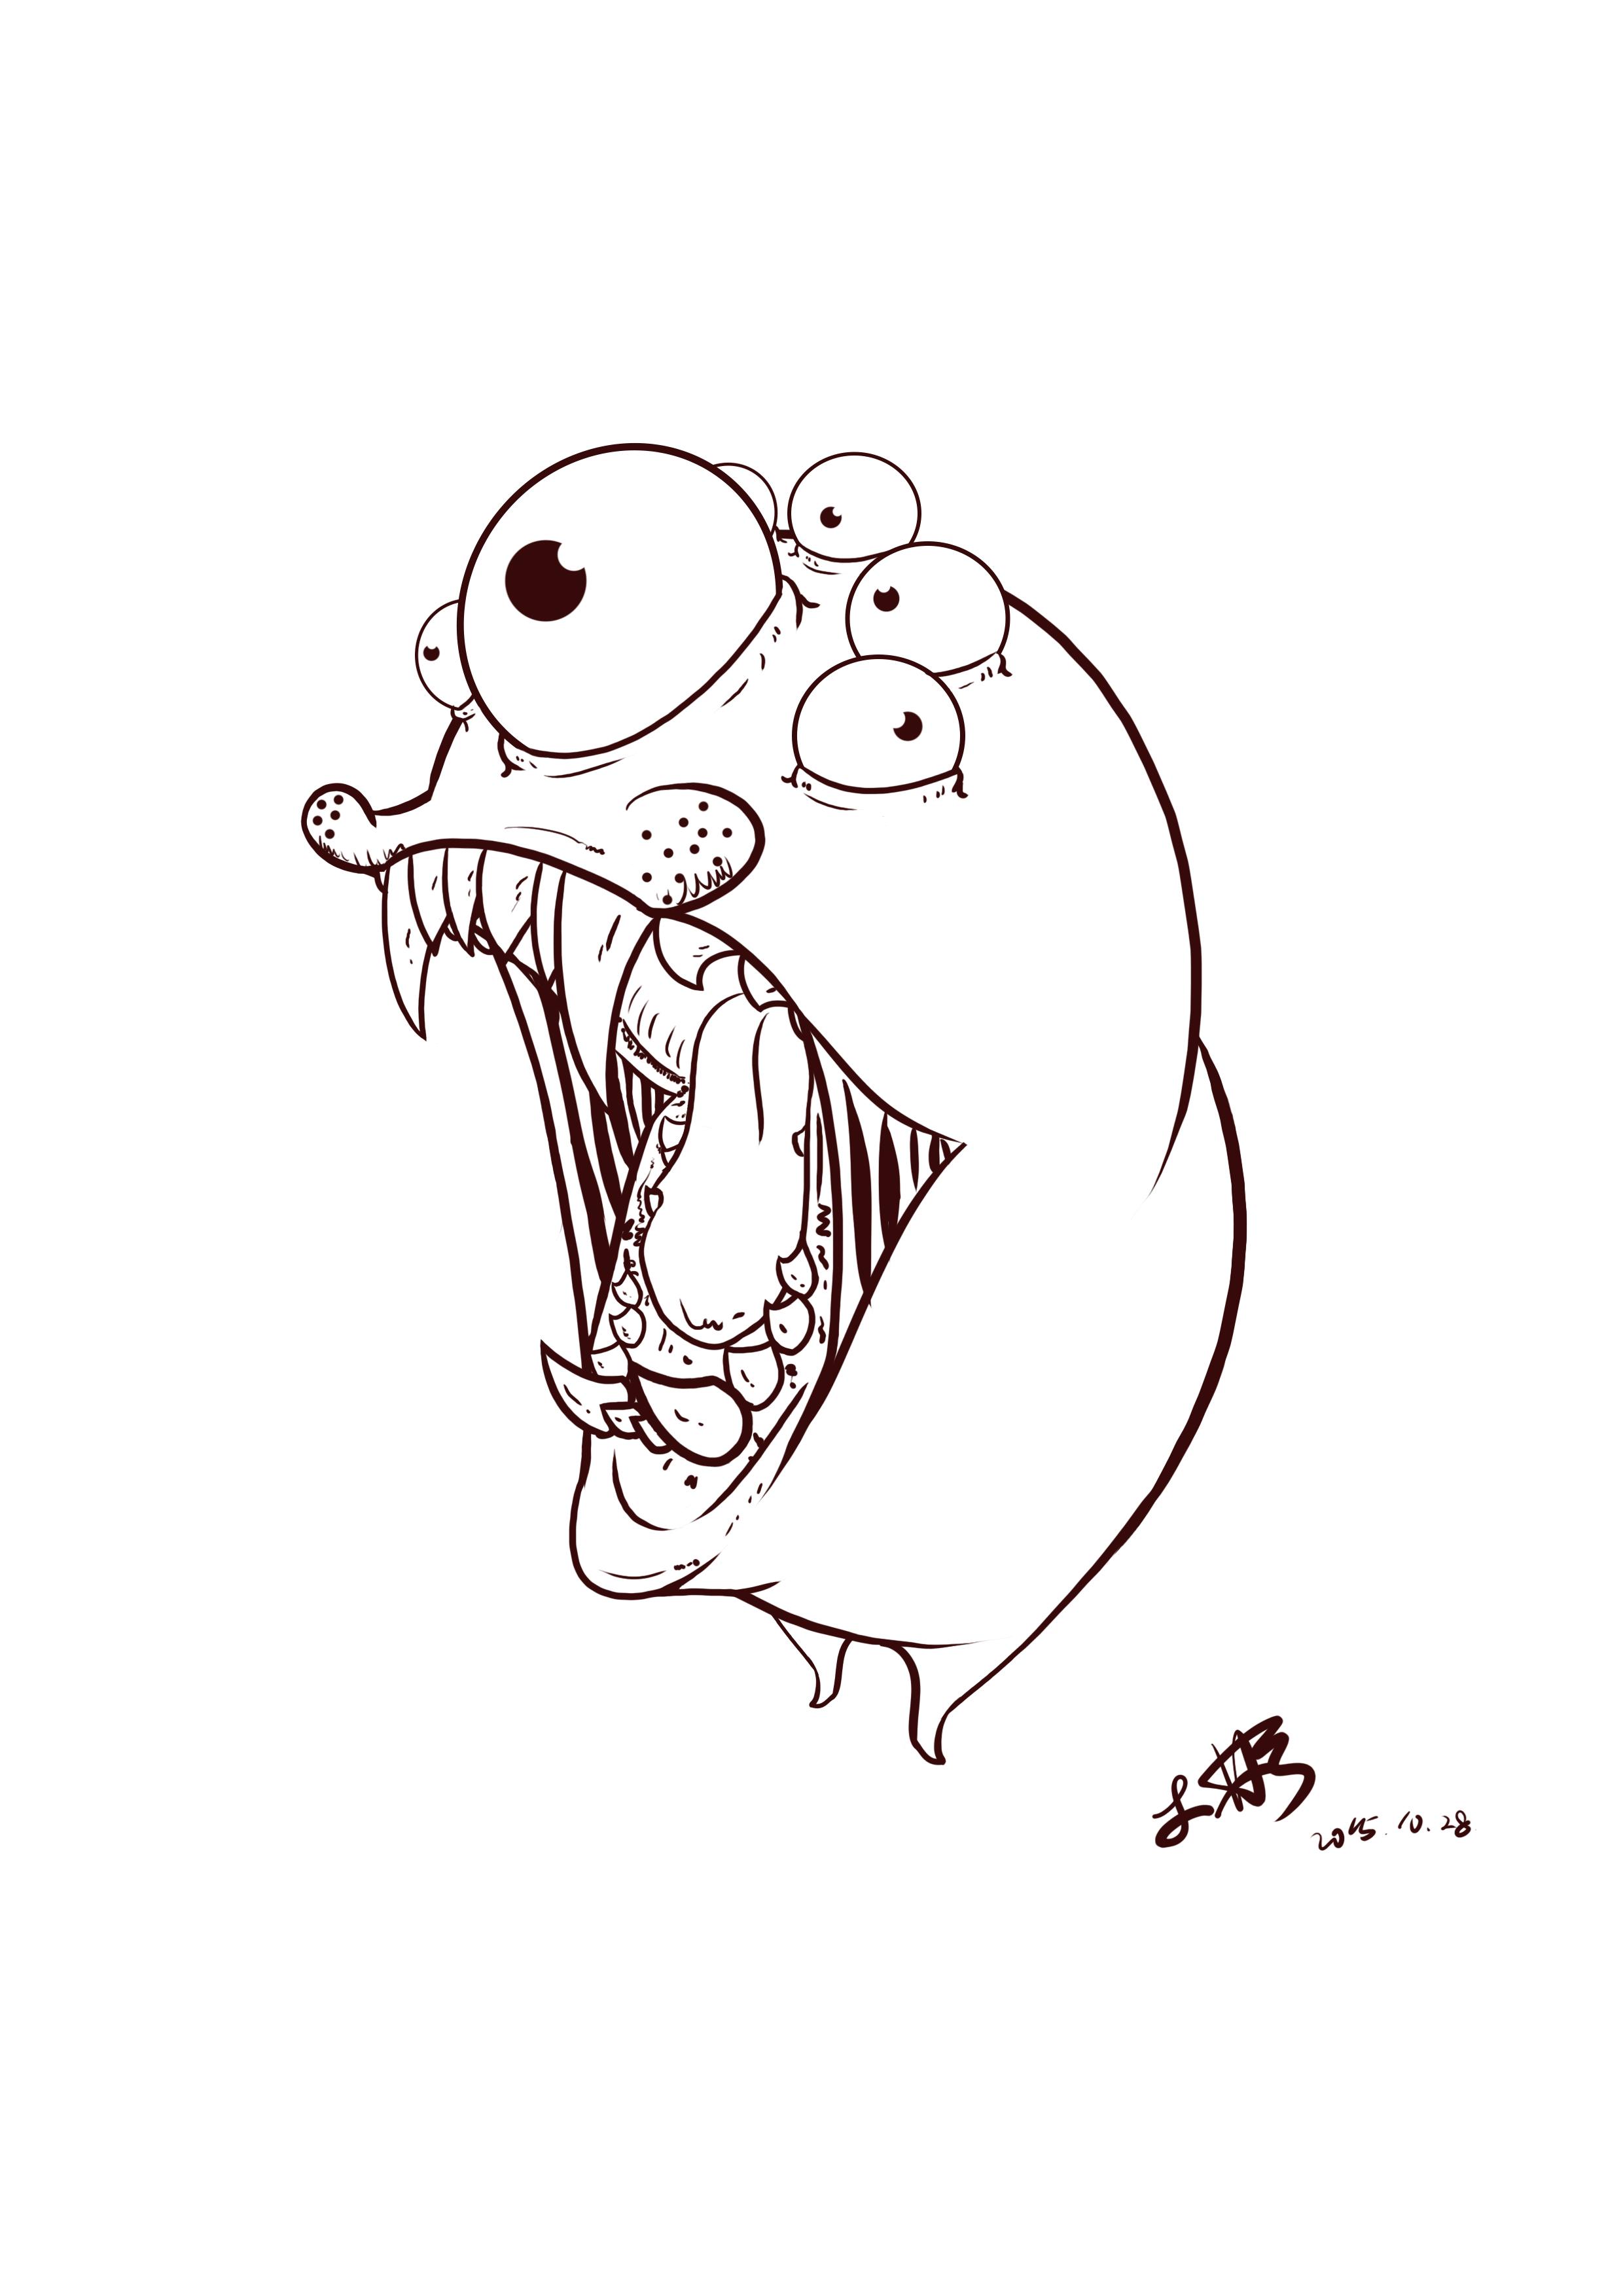 动漫 简笔画 卡通 漫画 手绘 头像 线稿 2480_3508 竖版 竖屏